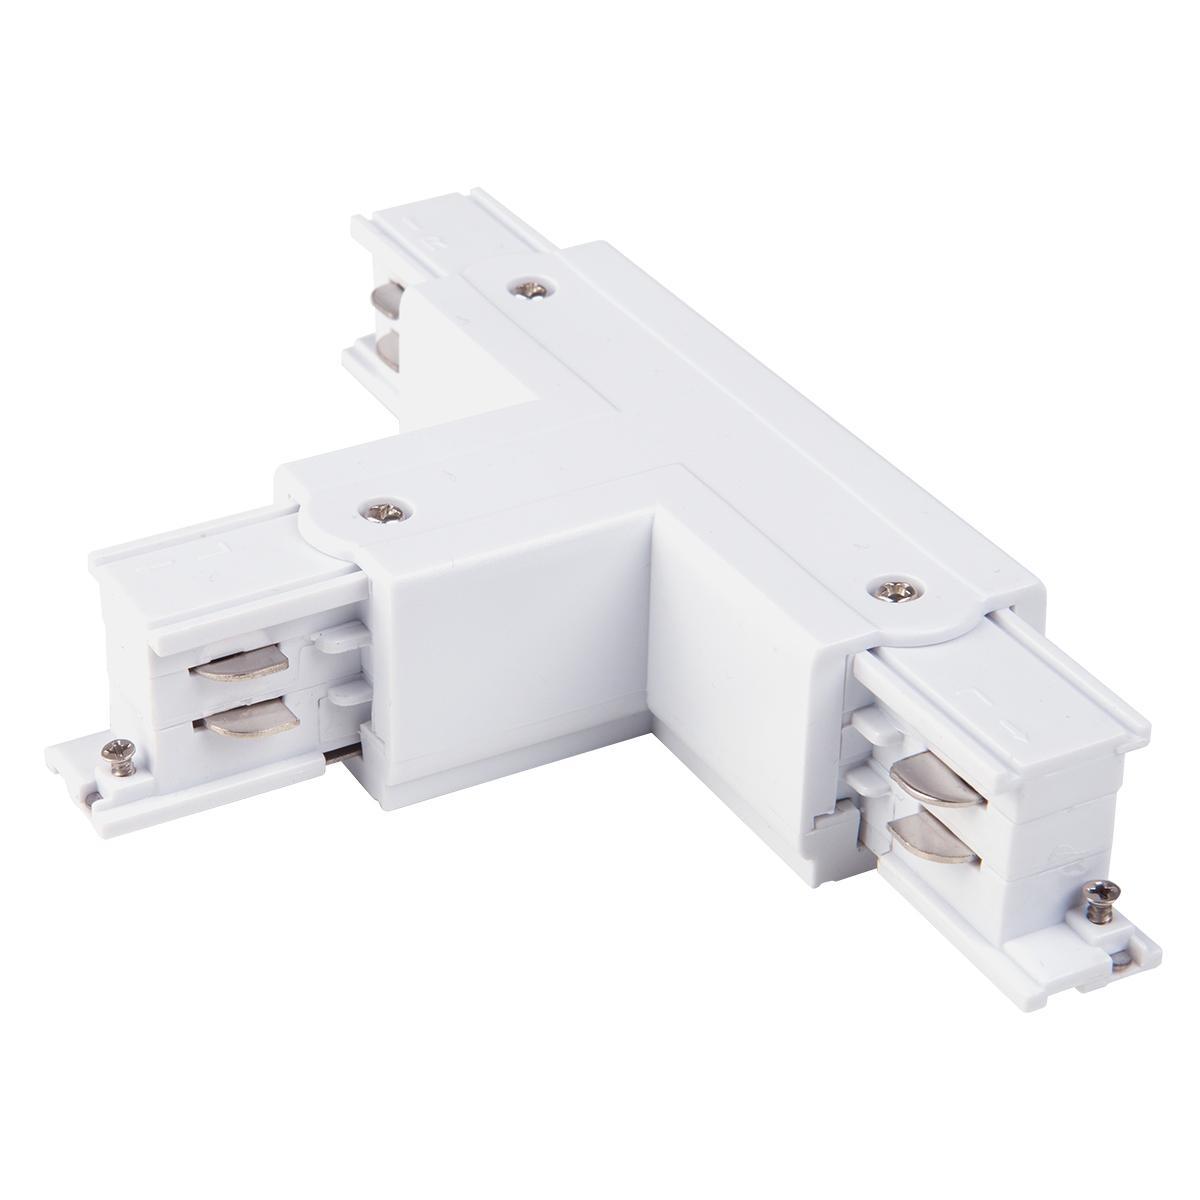 TRC-1-3-TL-WH / Коннектор Т-образный для трехфазного шинопровода левый(белый)